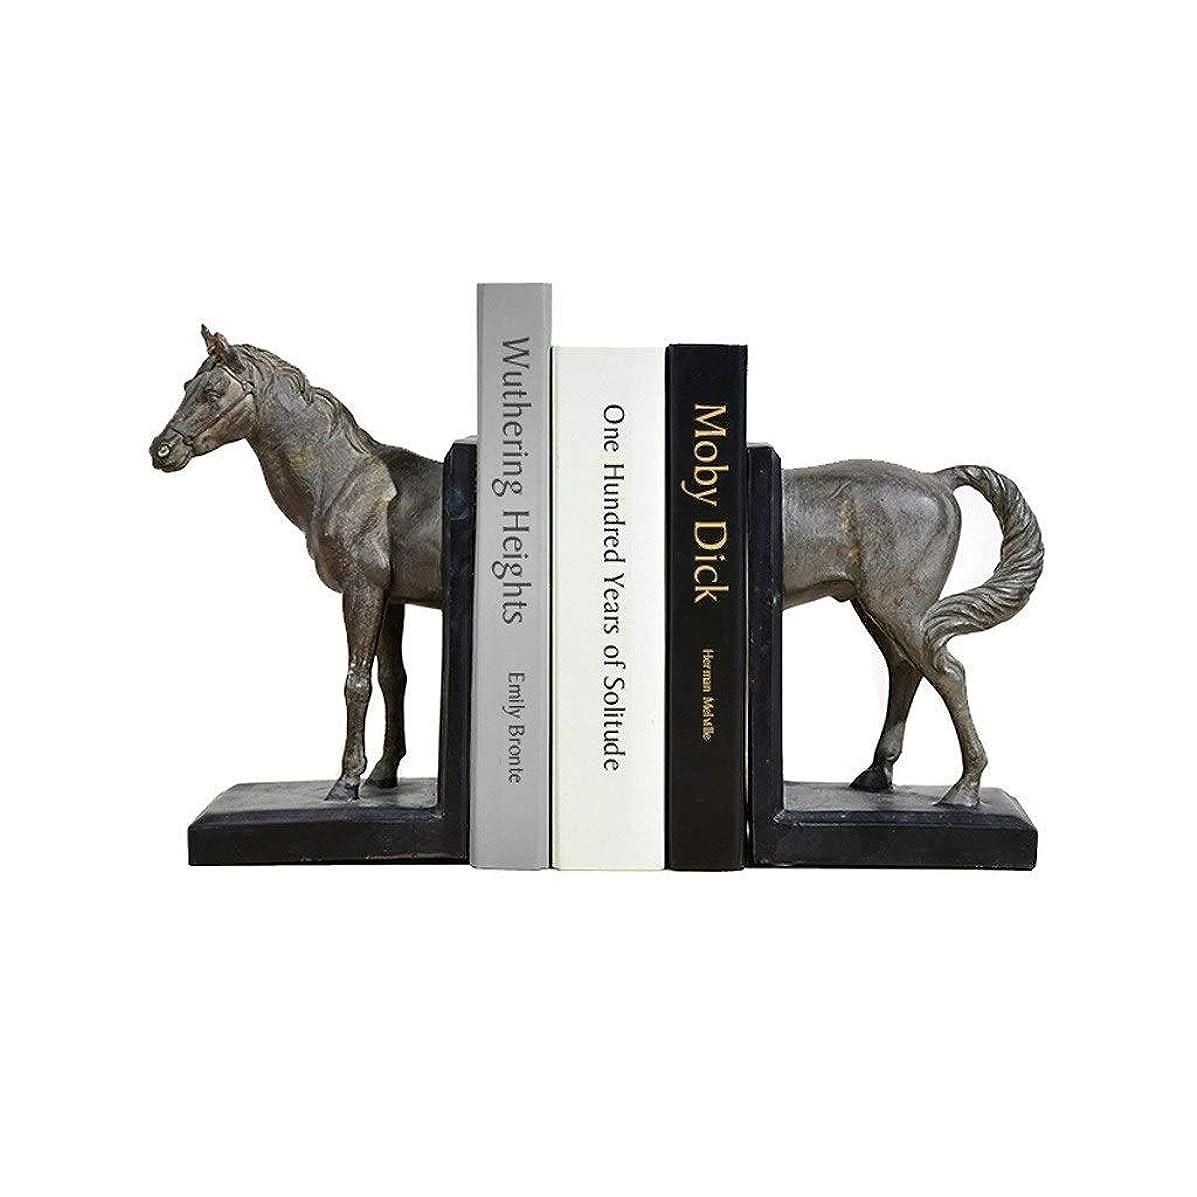 消費合体ミネラルブックエンド装飾ブックエンド中国風のレトロな樹脂馬の頭本の屋台装飾品の研究書棚クリエイティブブック拡大するブックエンドの装飾品動物家具アートブックエンド